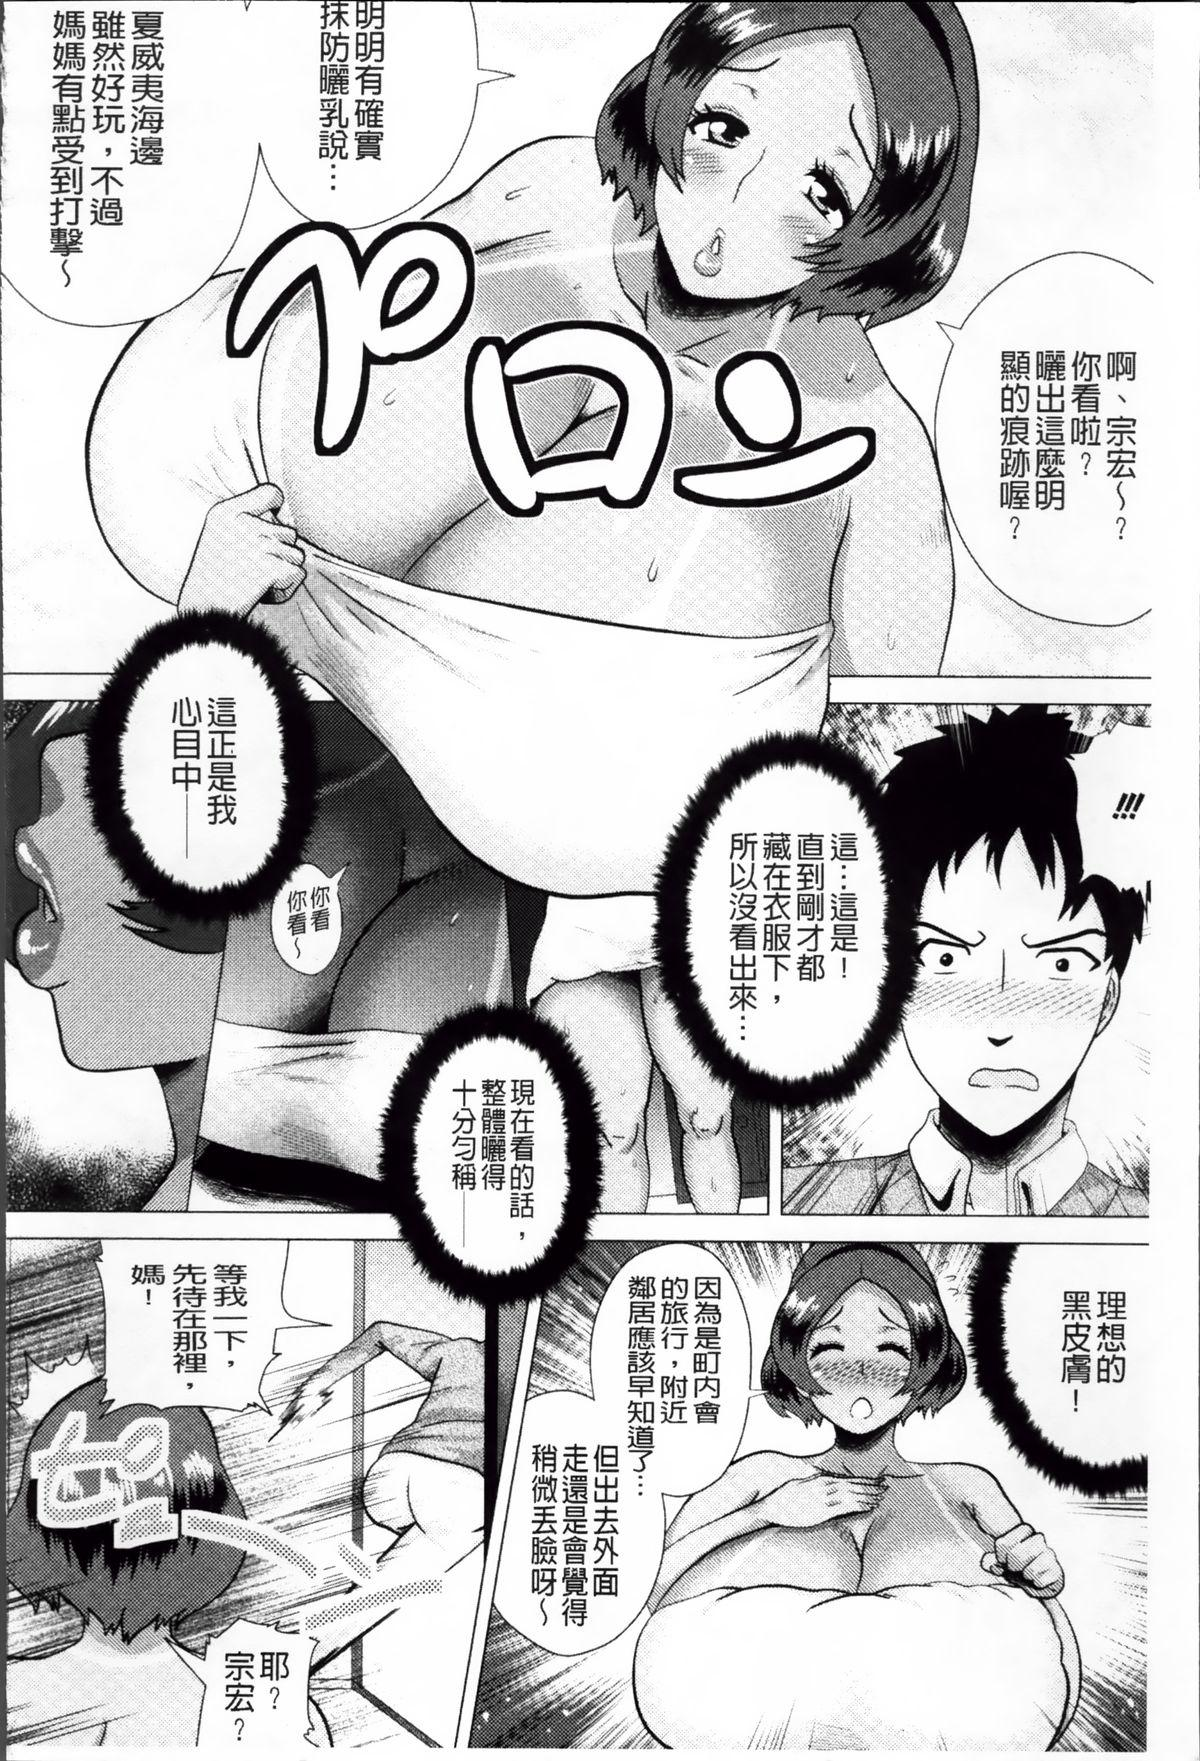 Megabody Night - Watashi no Oniku o Meshiagare 35